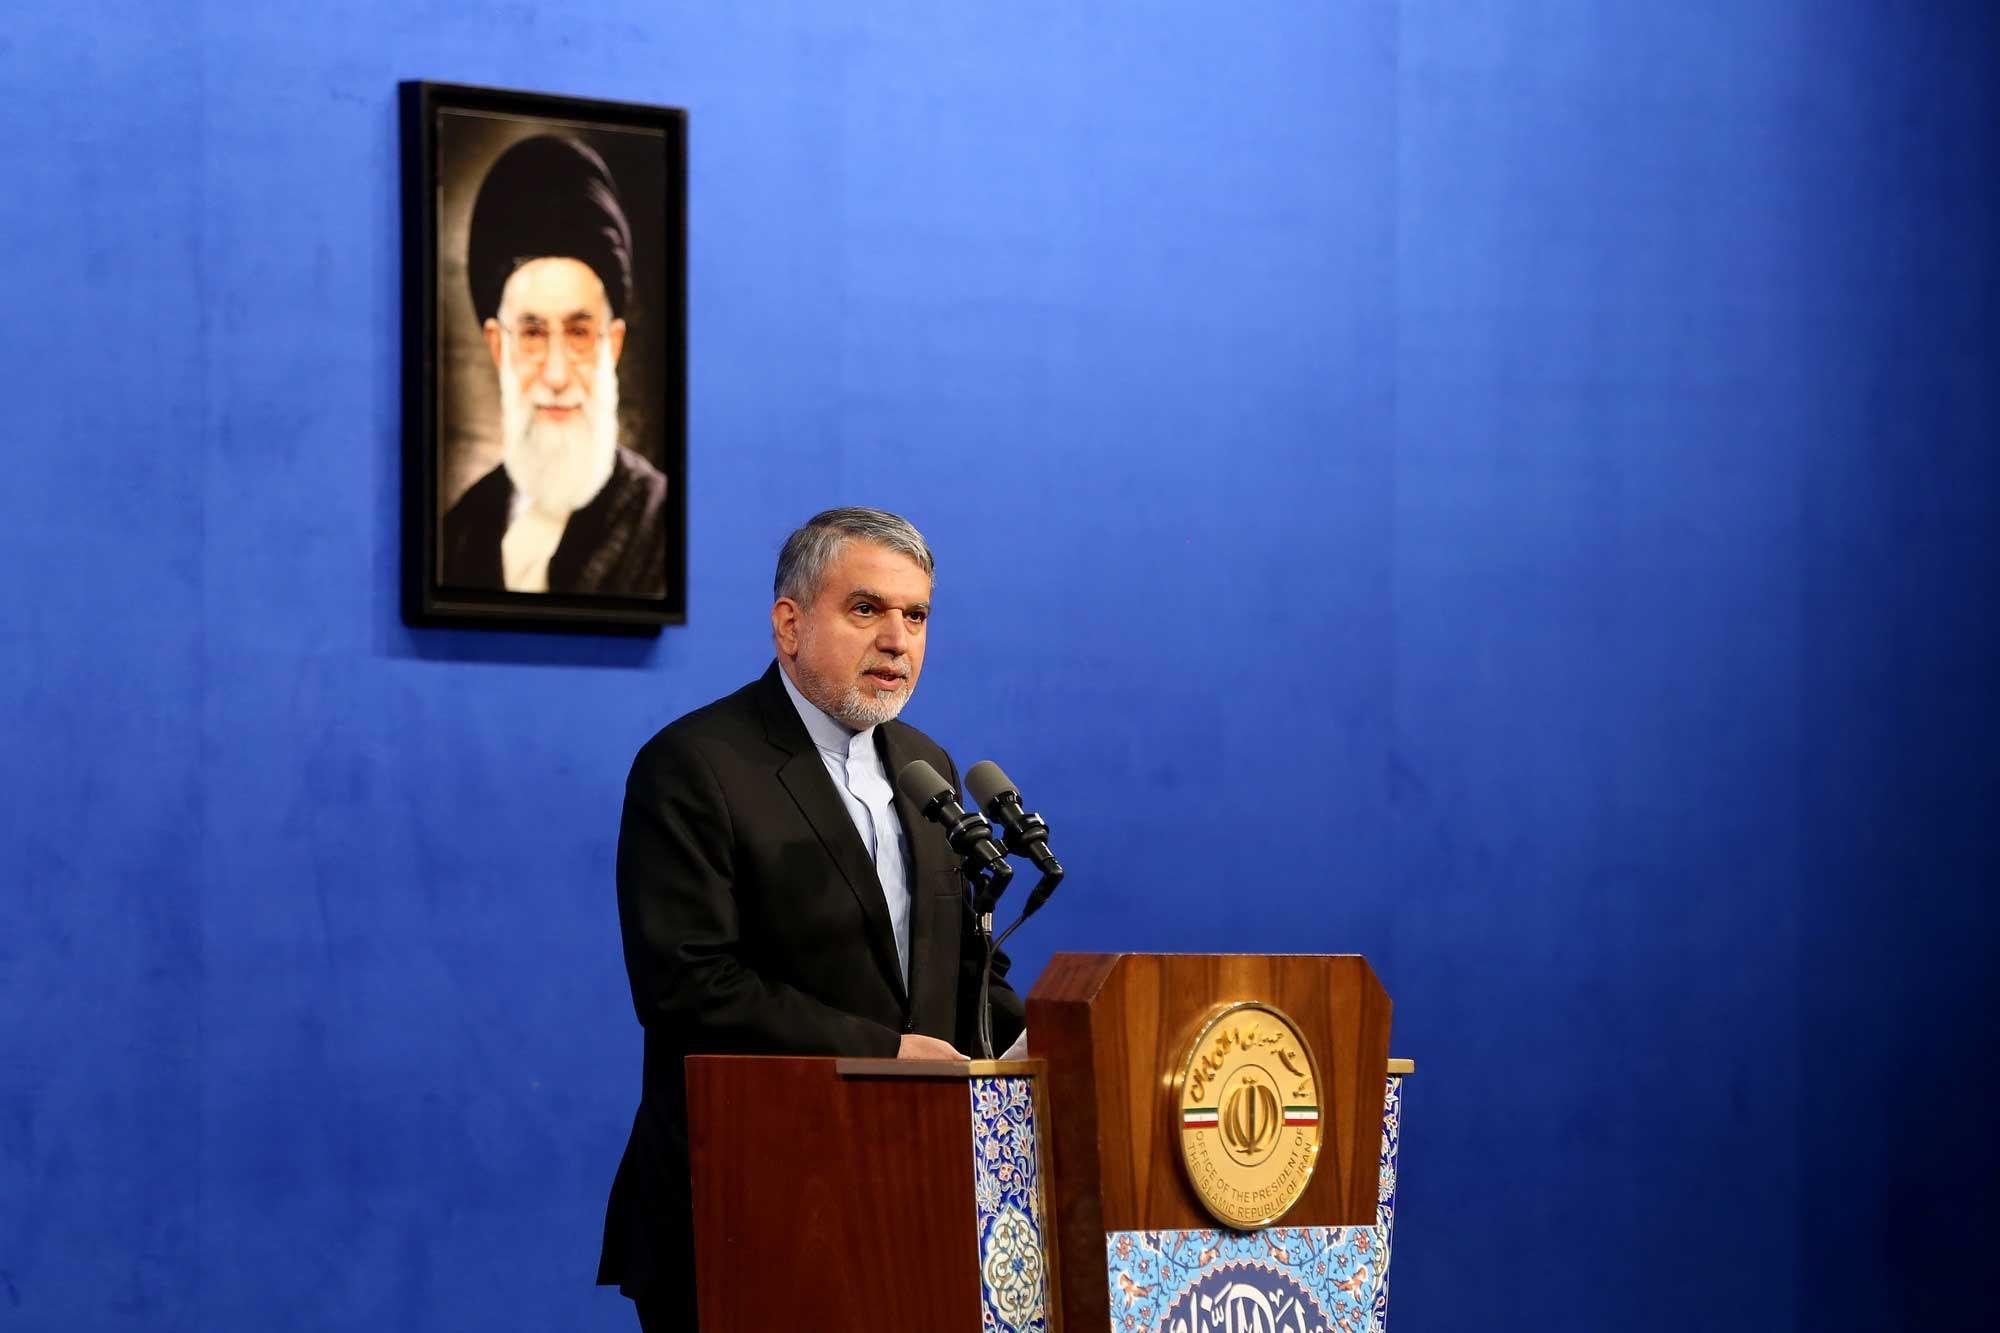 تصاویر | رئیسجمهور در مراسم تجلیل ازخادمان قران کریم